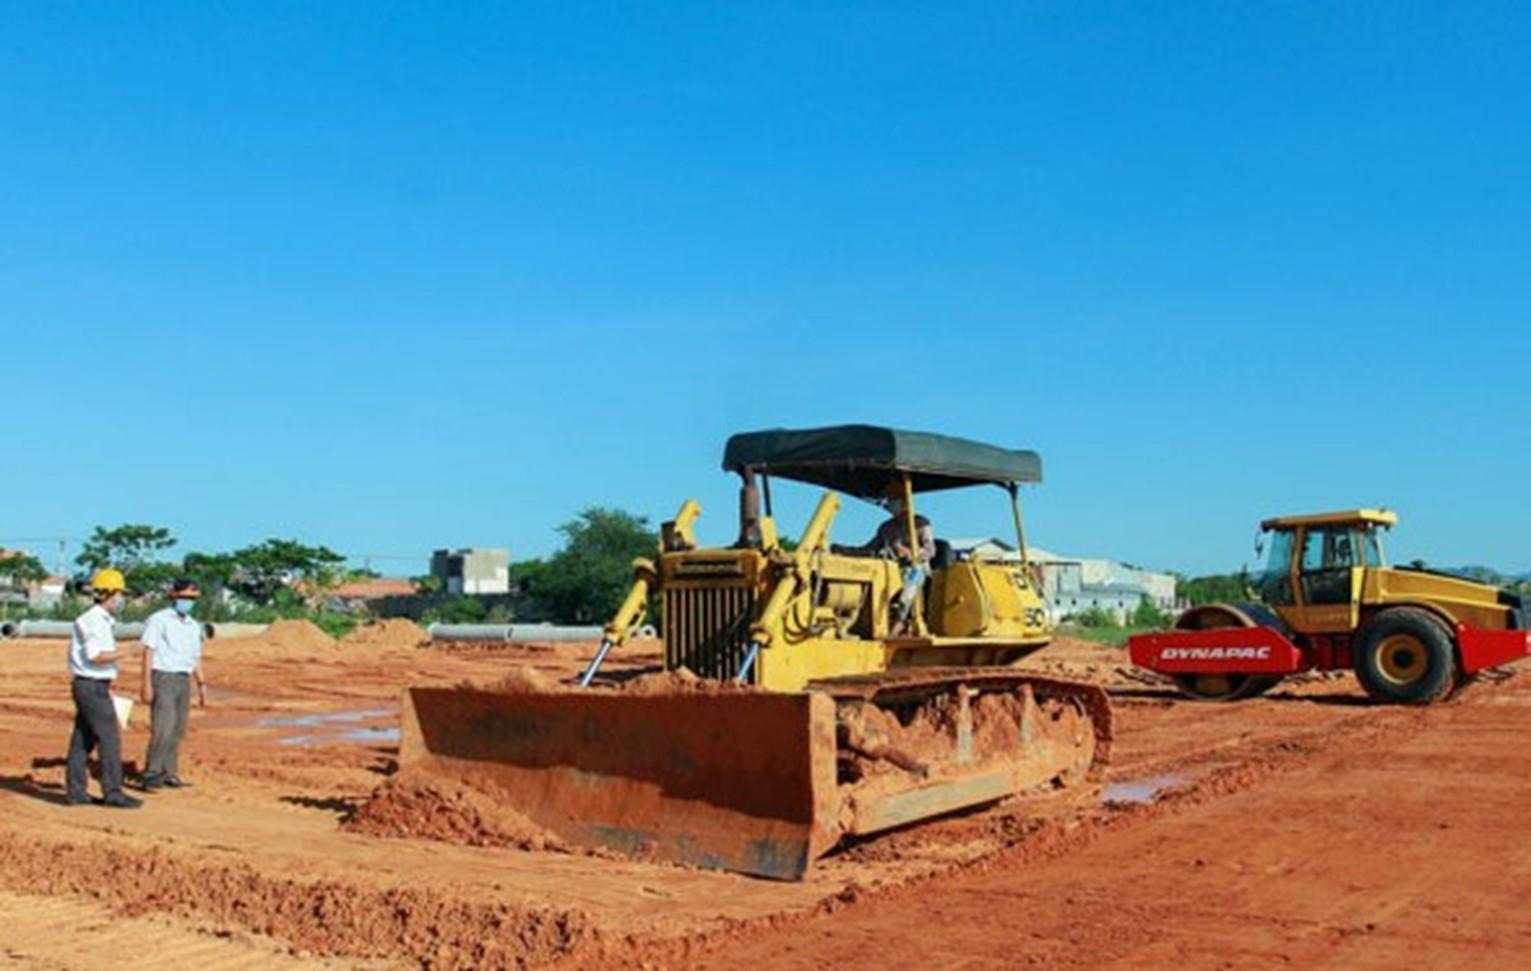 Ninh Thuận: Đường đôi hơn 500 tỷ đồng vào TP Phan Rang - Tháp Chàm dự kiến thông xe cuối năm nay - Ảnh 1.